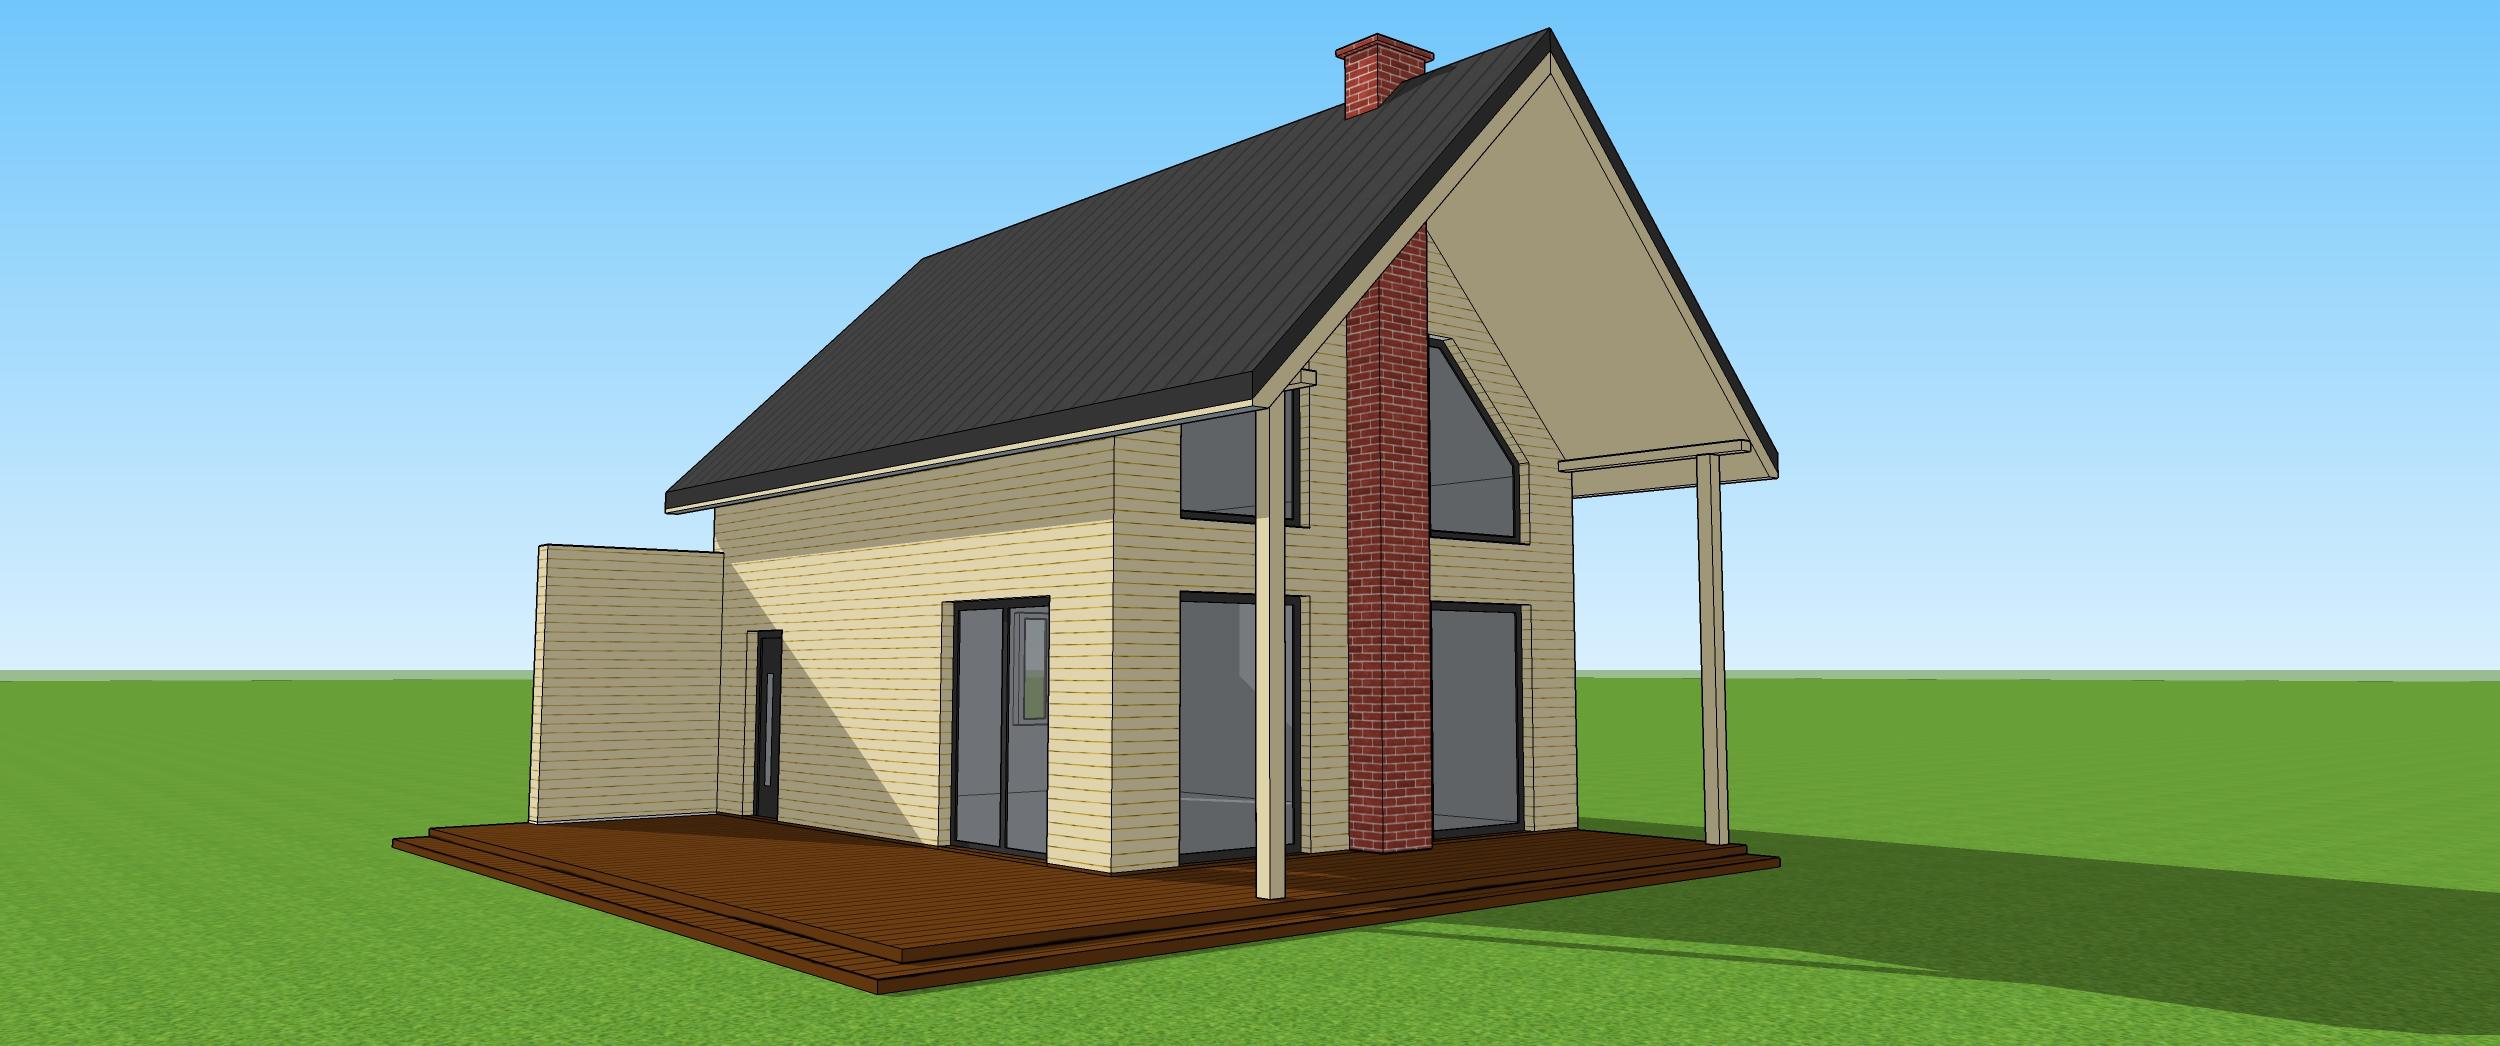 Wizualizacja domku szkieletowego z dachem dwuspadowym